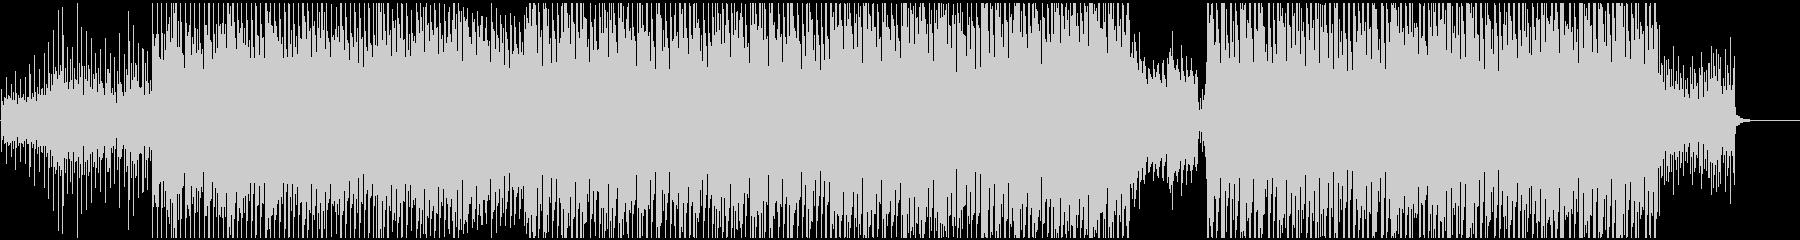 ポップ感動壮大 ピアノオーケストラの未再生の波形